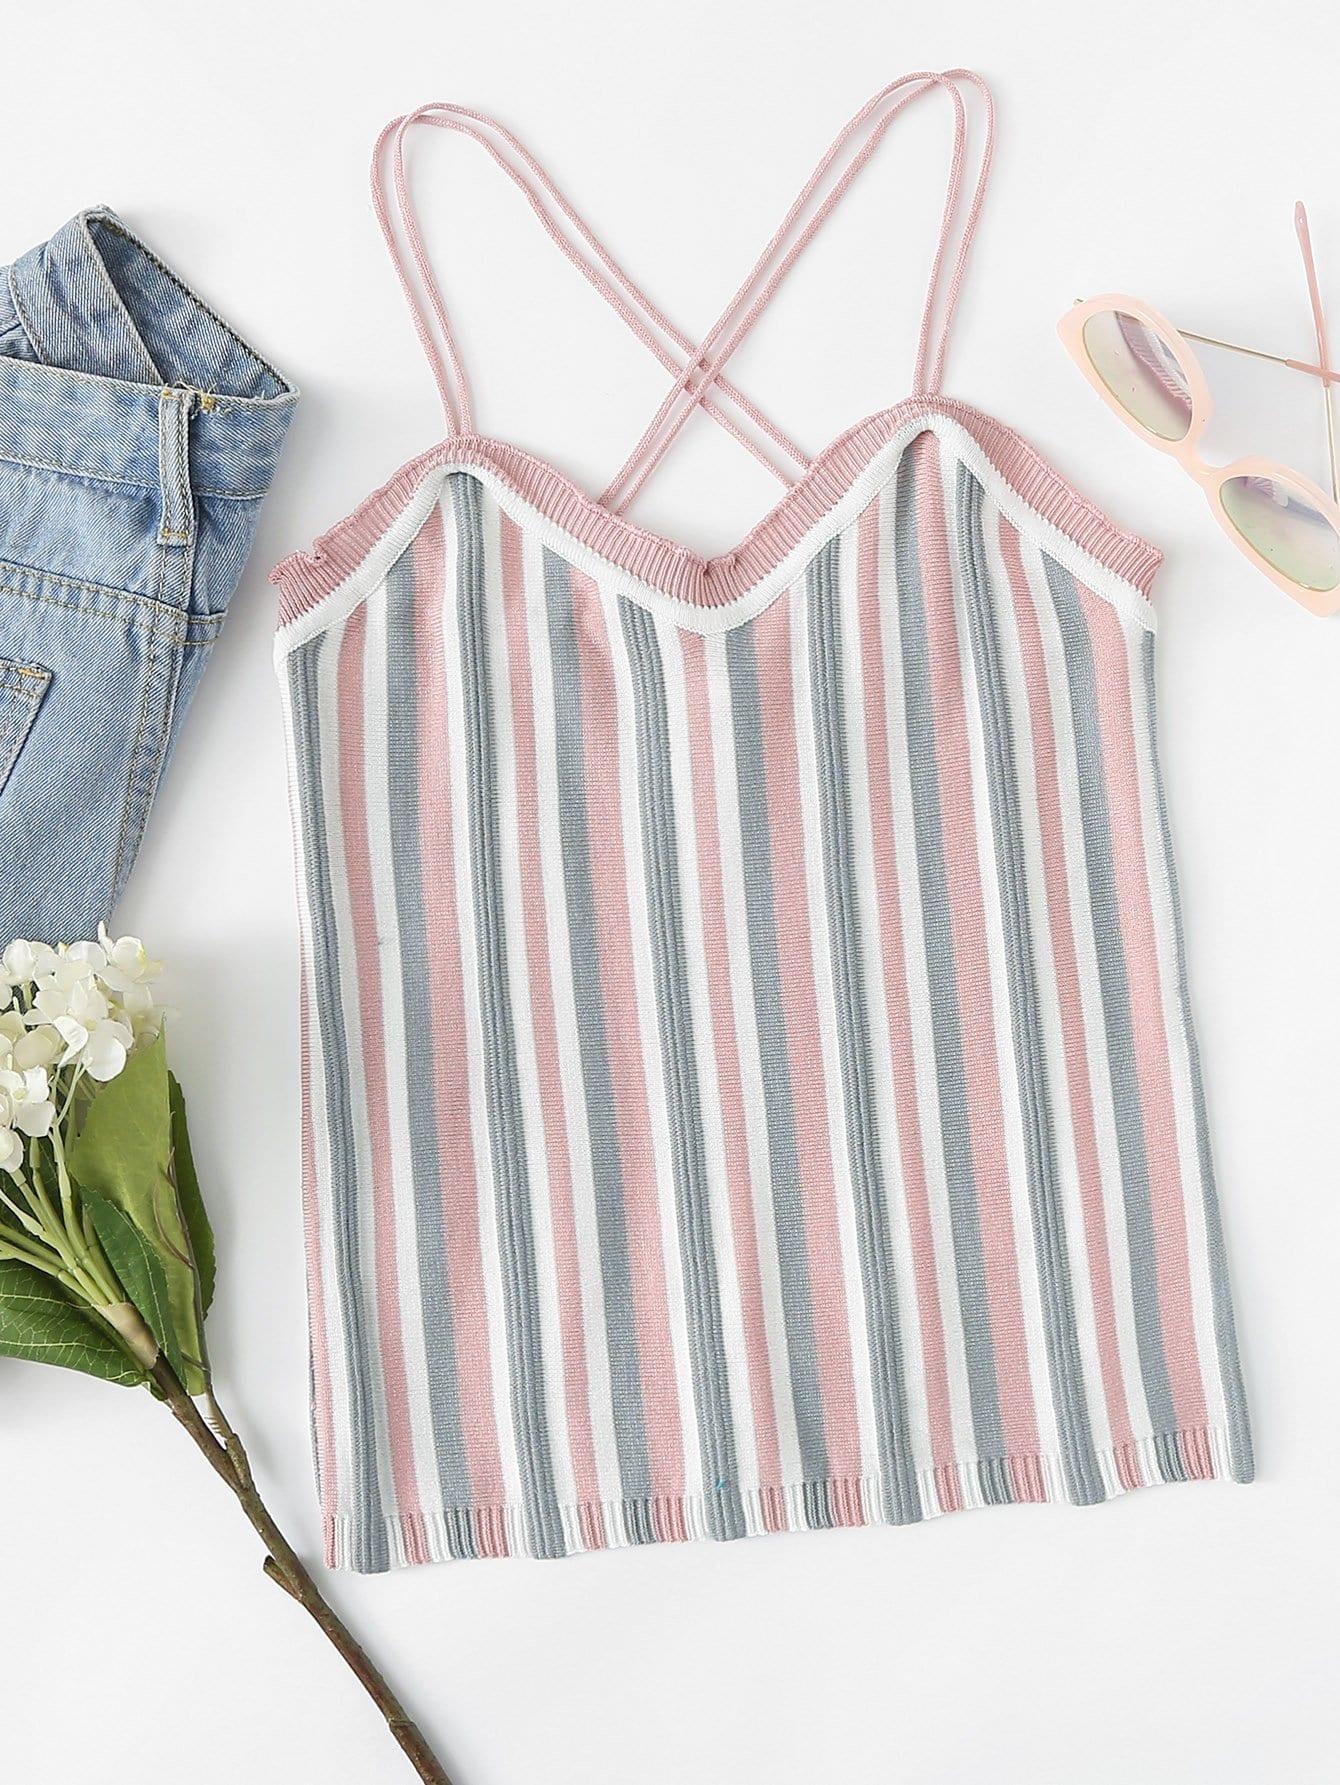 Multi-Stripe Criss Cross Knit Top